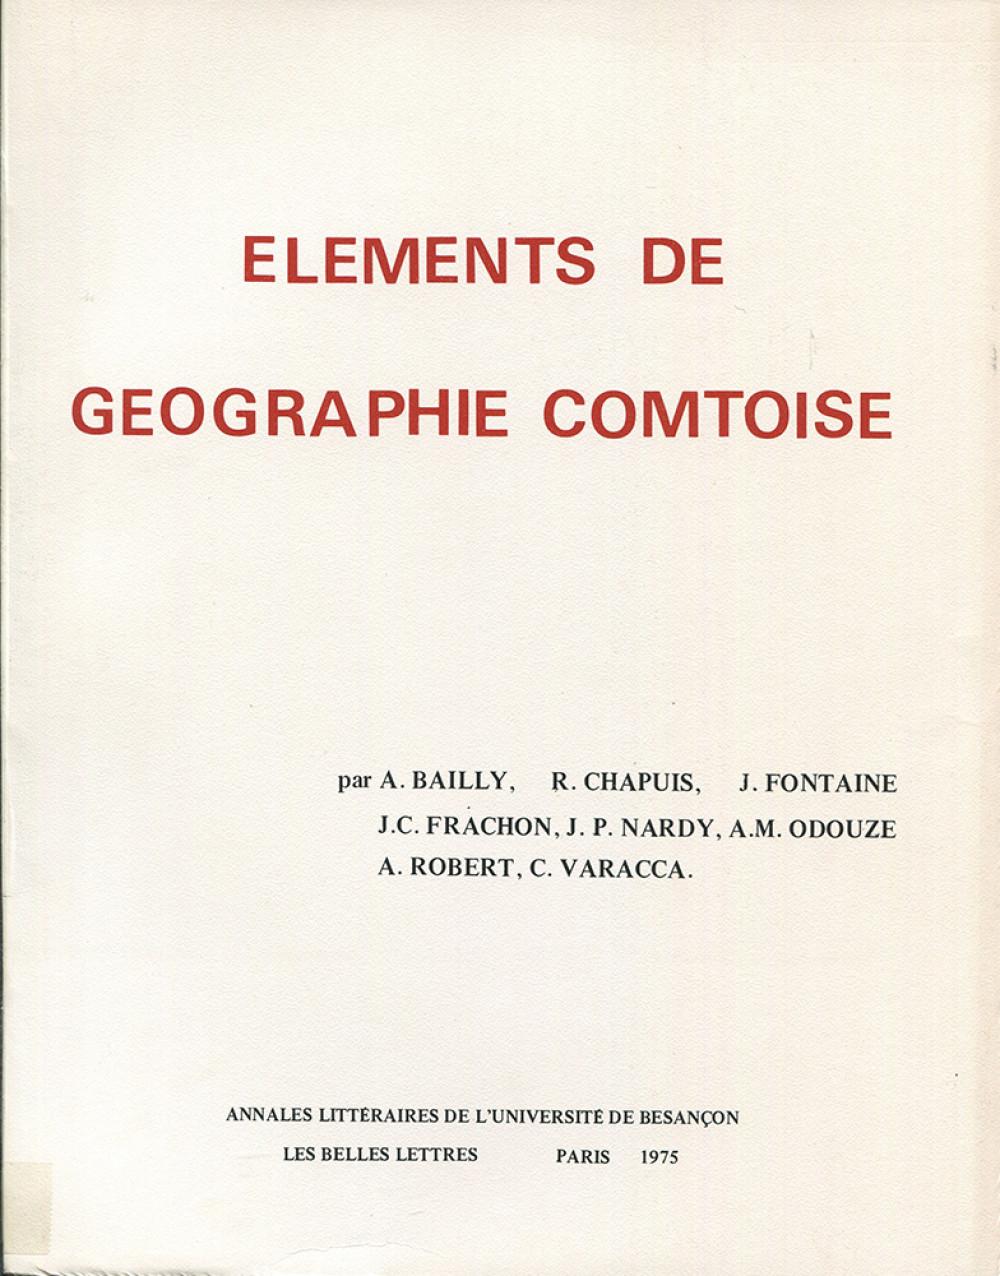 Eléments de géographie comtoise